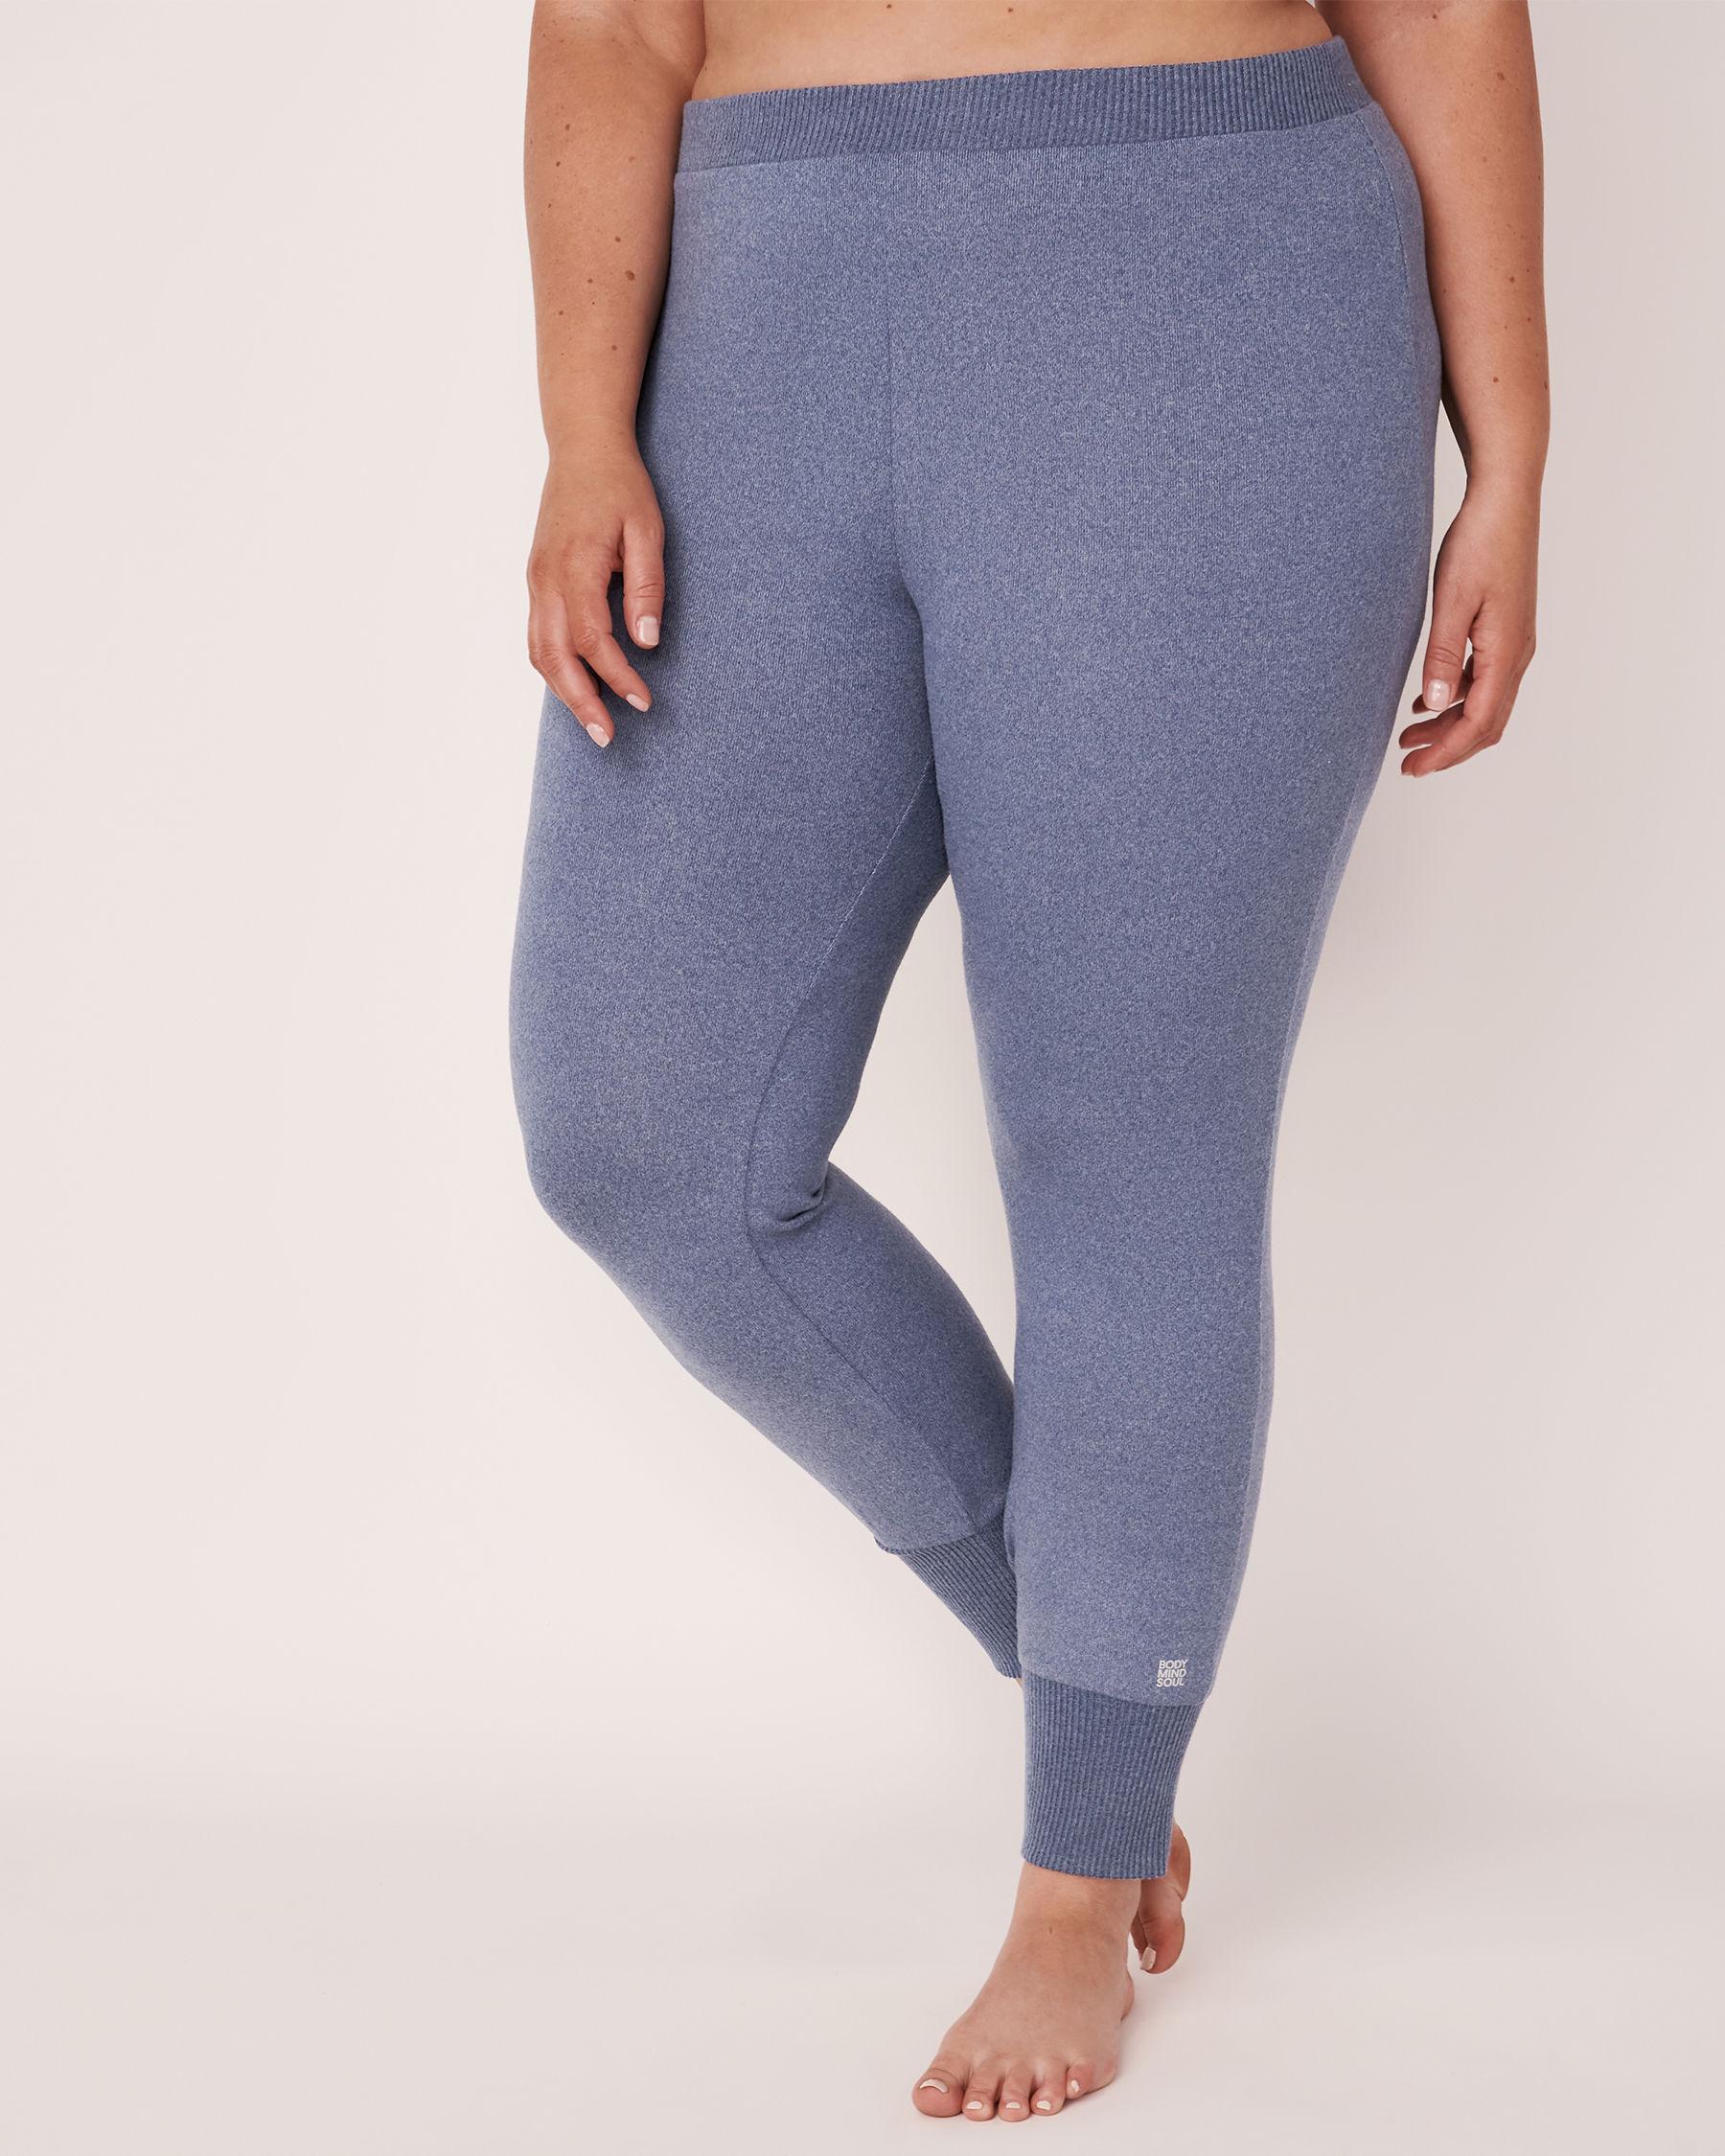 LA VIE EN ROSE Soft Knit Fitted Pant Blue denim mix 50200008 - View3